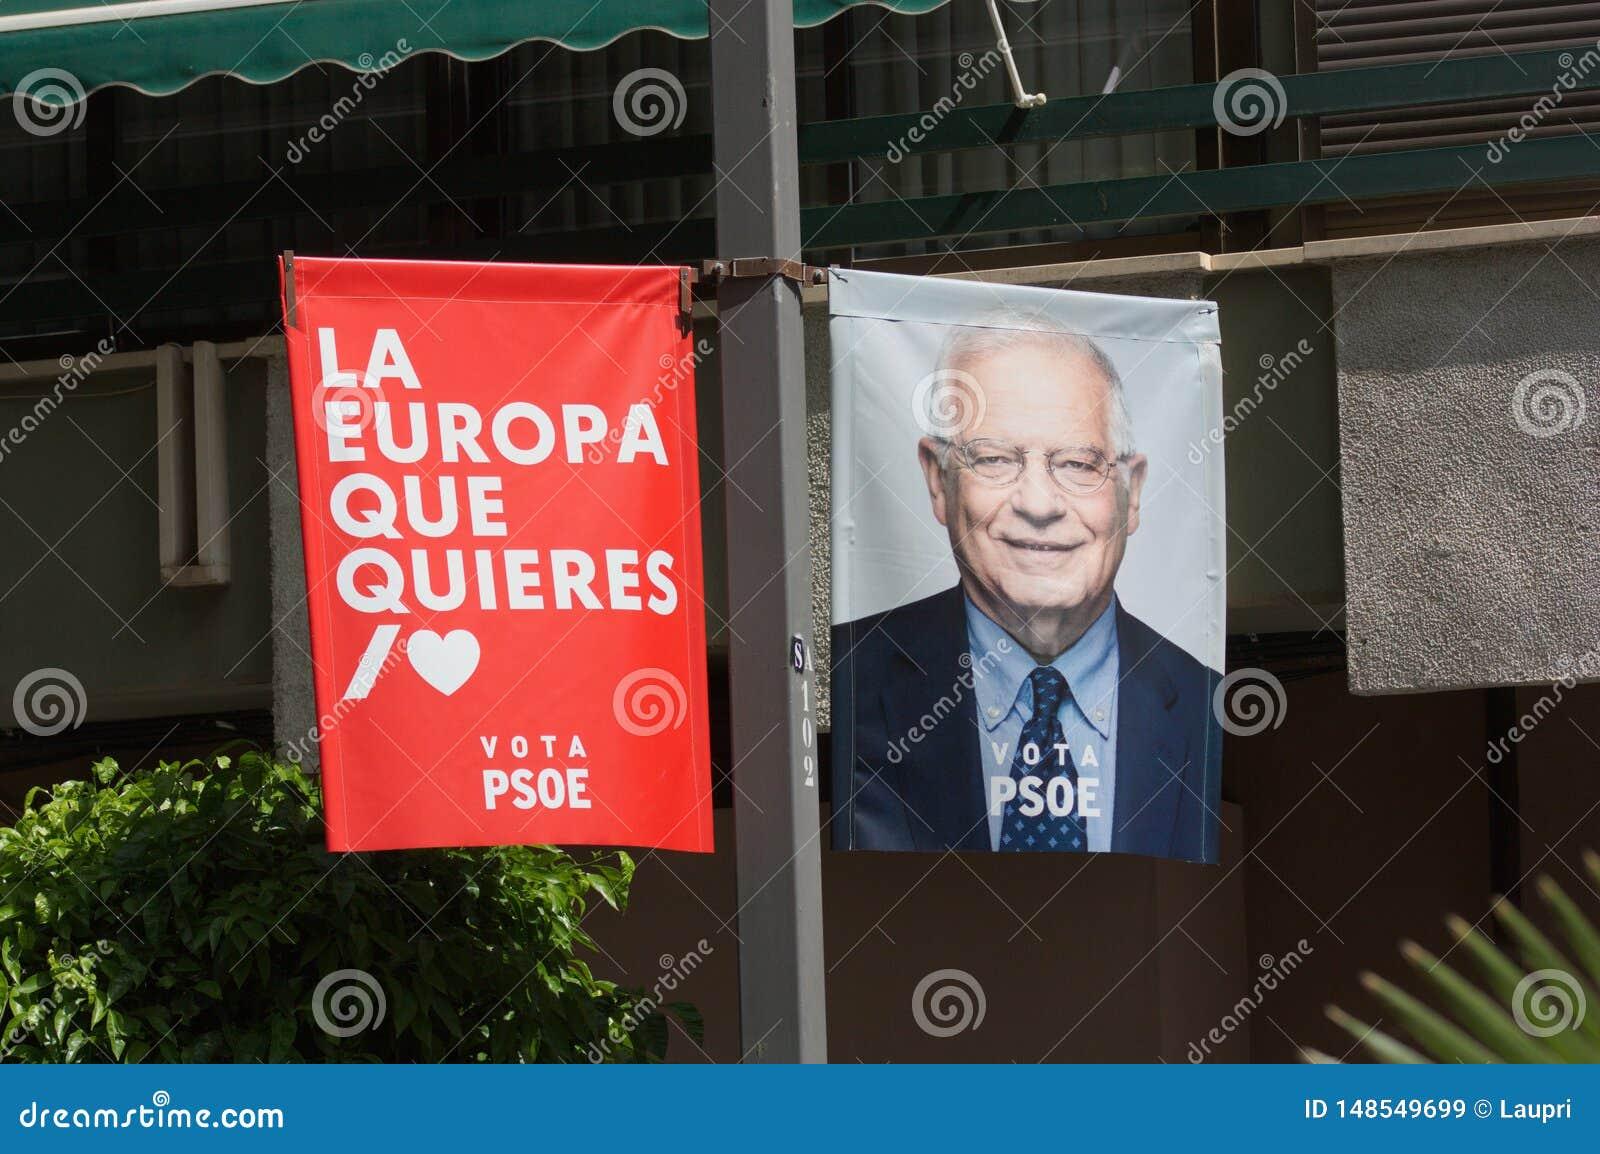 De reclame van affiche van de Spaanse Socialistische Partij voor de Europese verkiezingen van 26 Mei, 2019